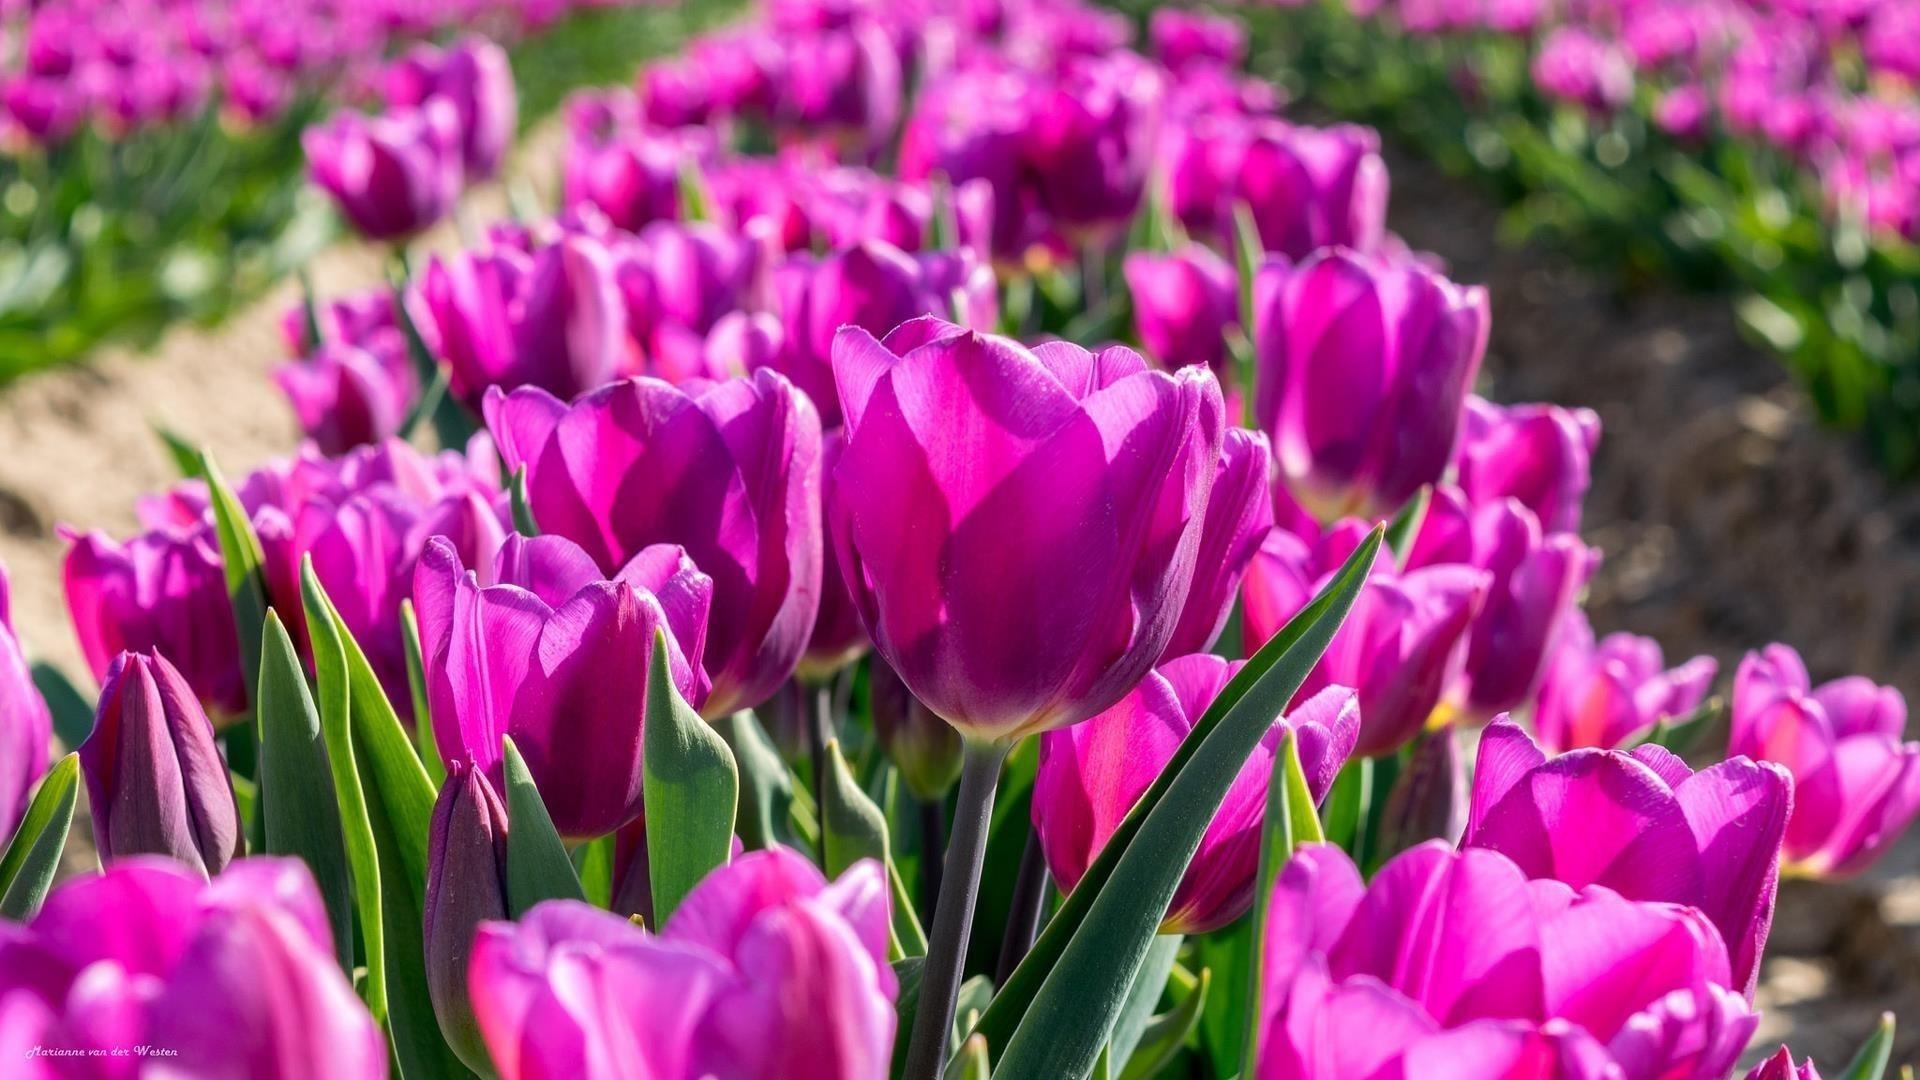 Темно-фиолетовые цветы тюльпана полевые цветы на синем фоне обои скачать